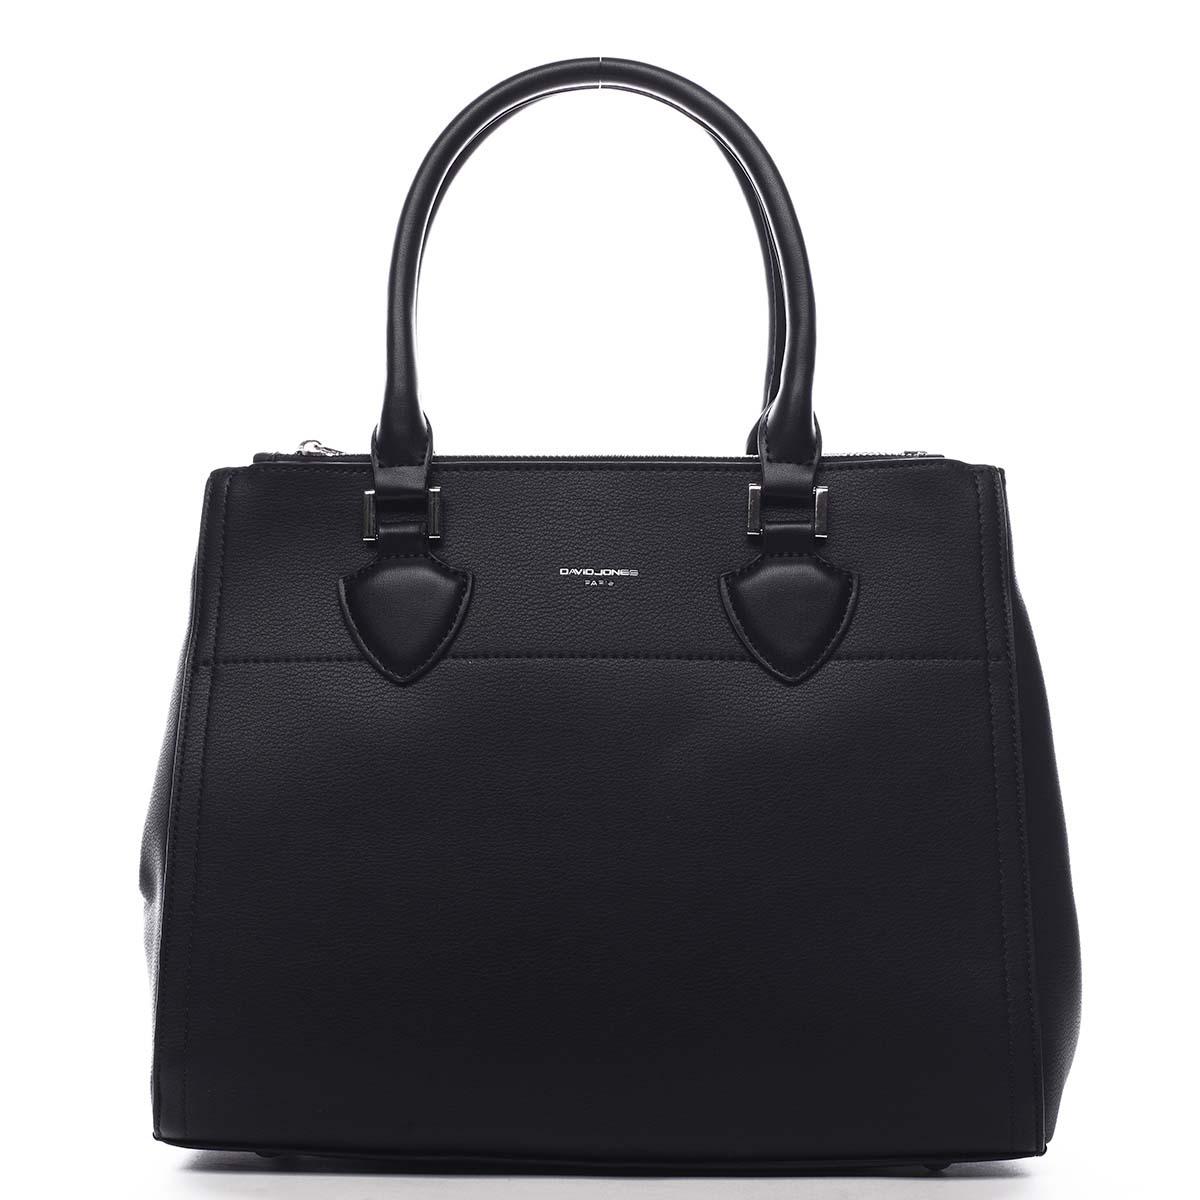 Dámska kabelka čierna - David Jones Mille čierna